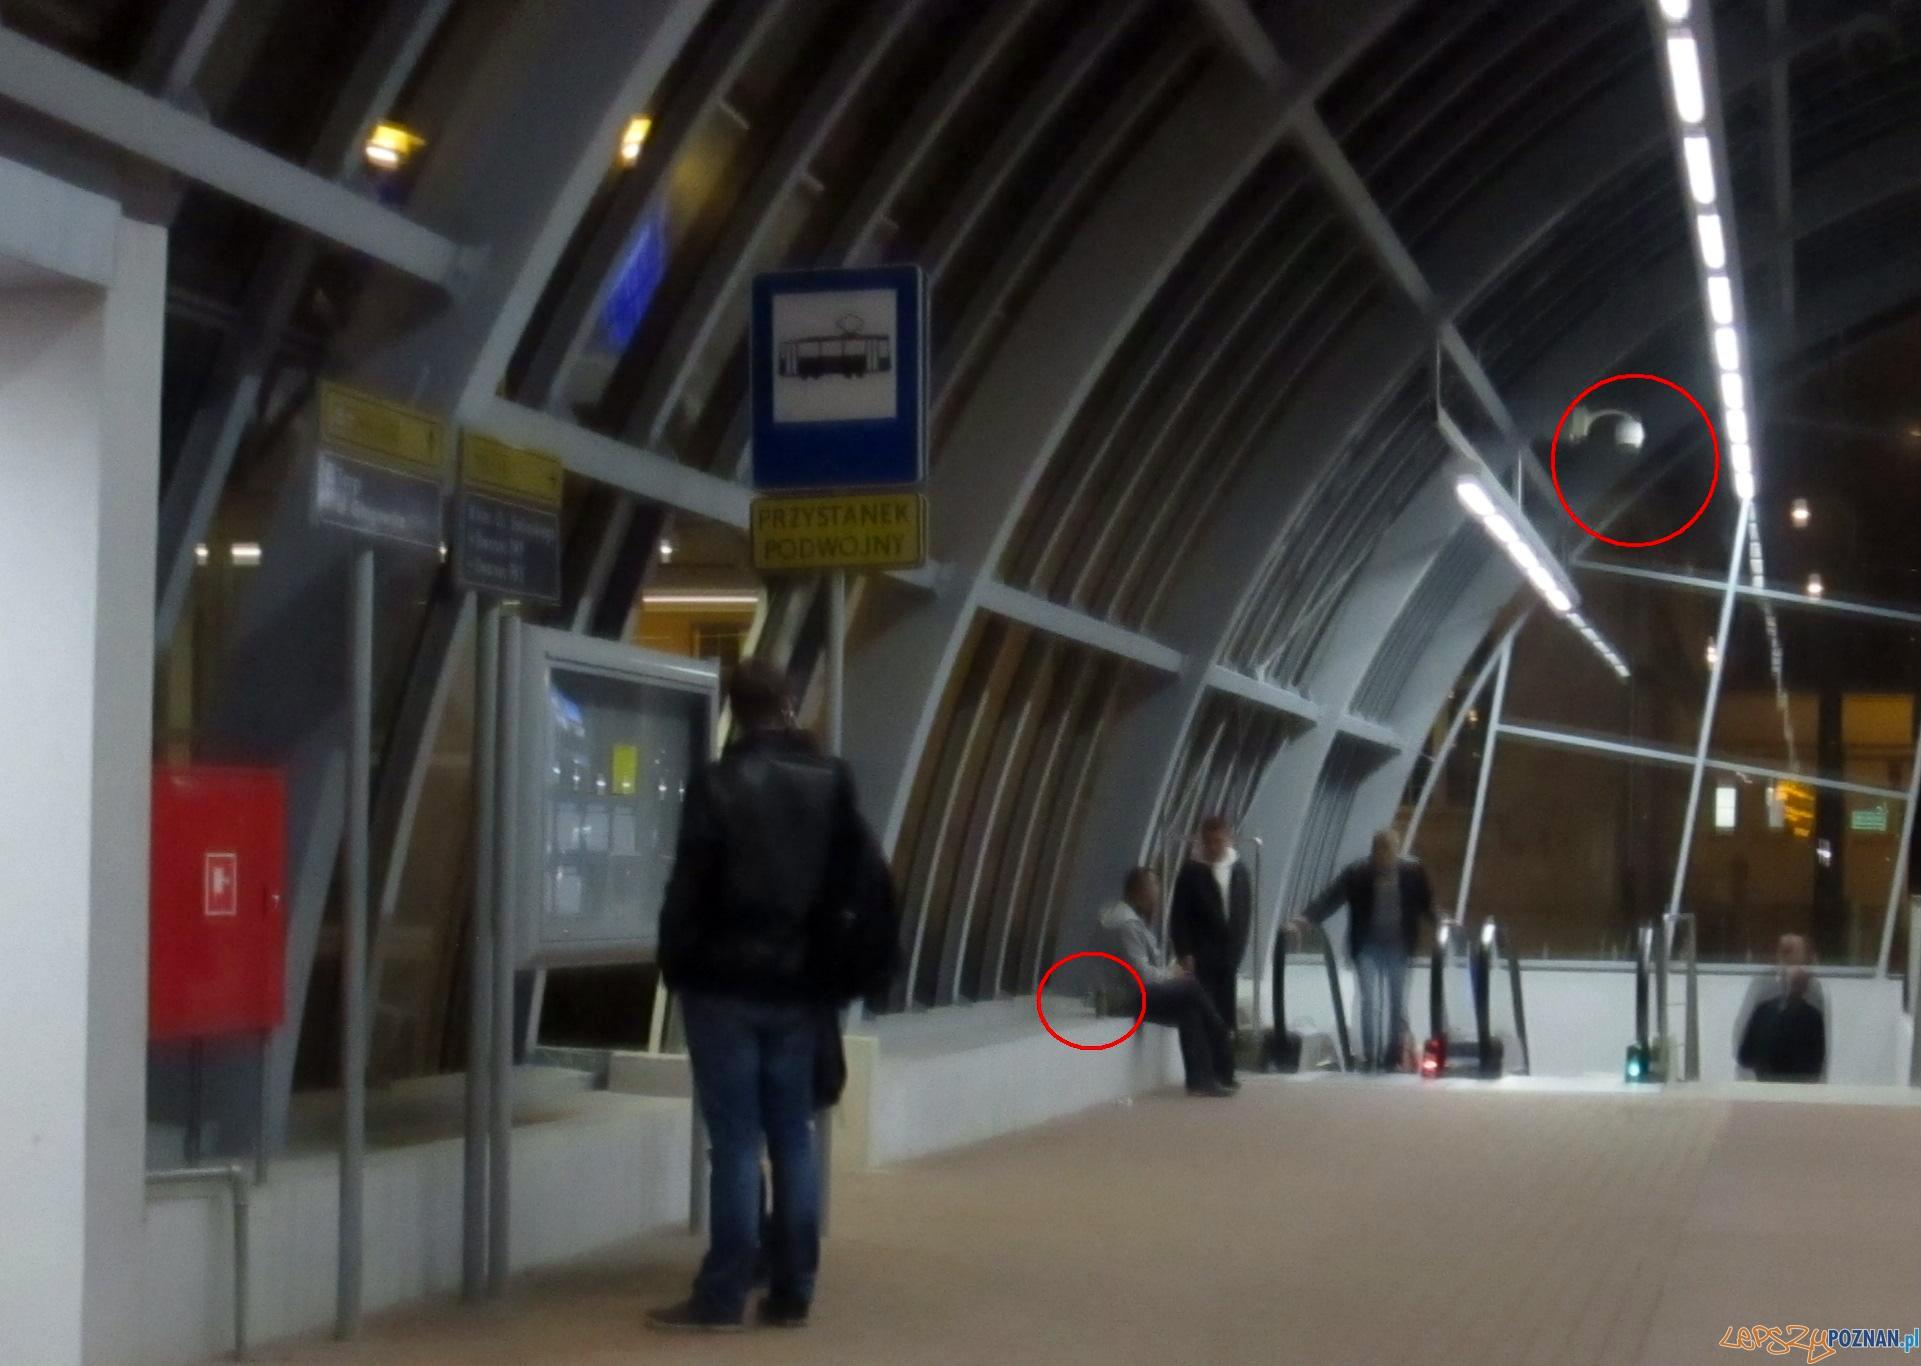 Nowy Dworzec nie taki wspaniały?  Foto: Nishiopoznan